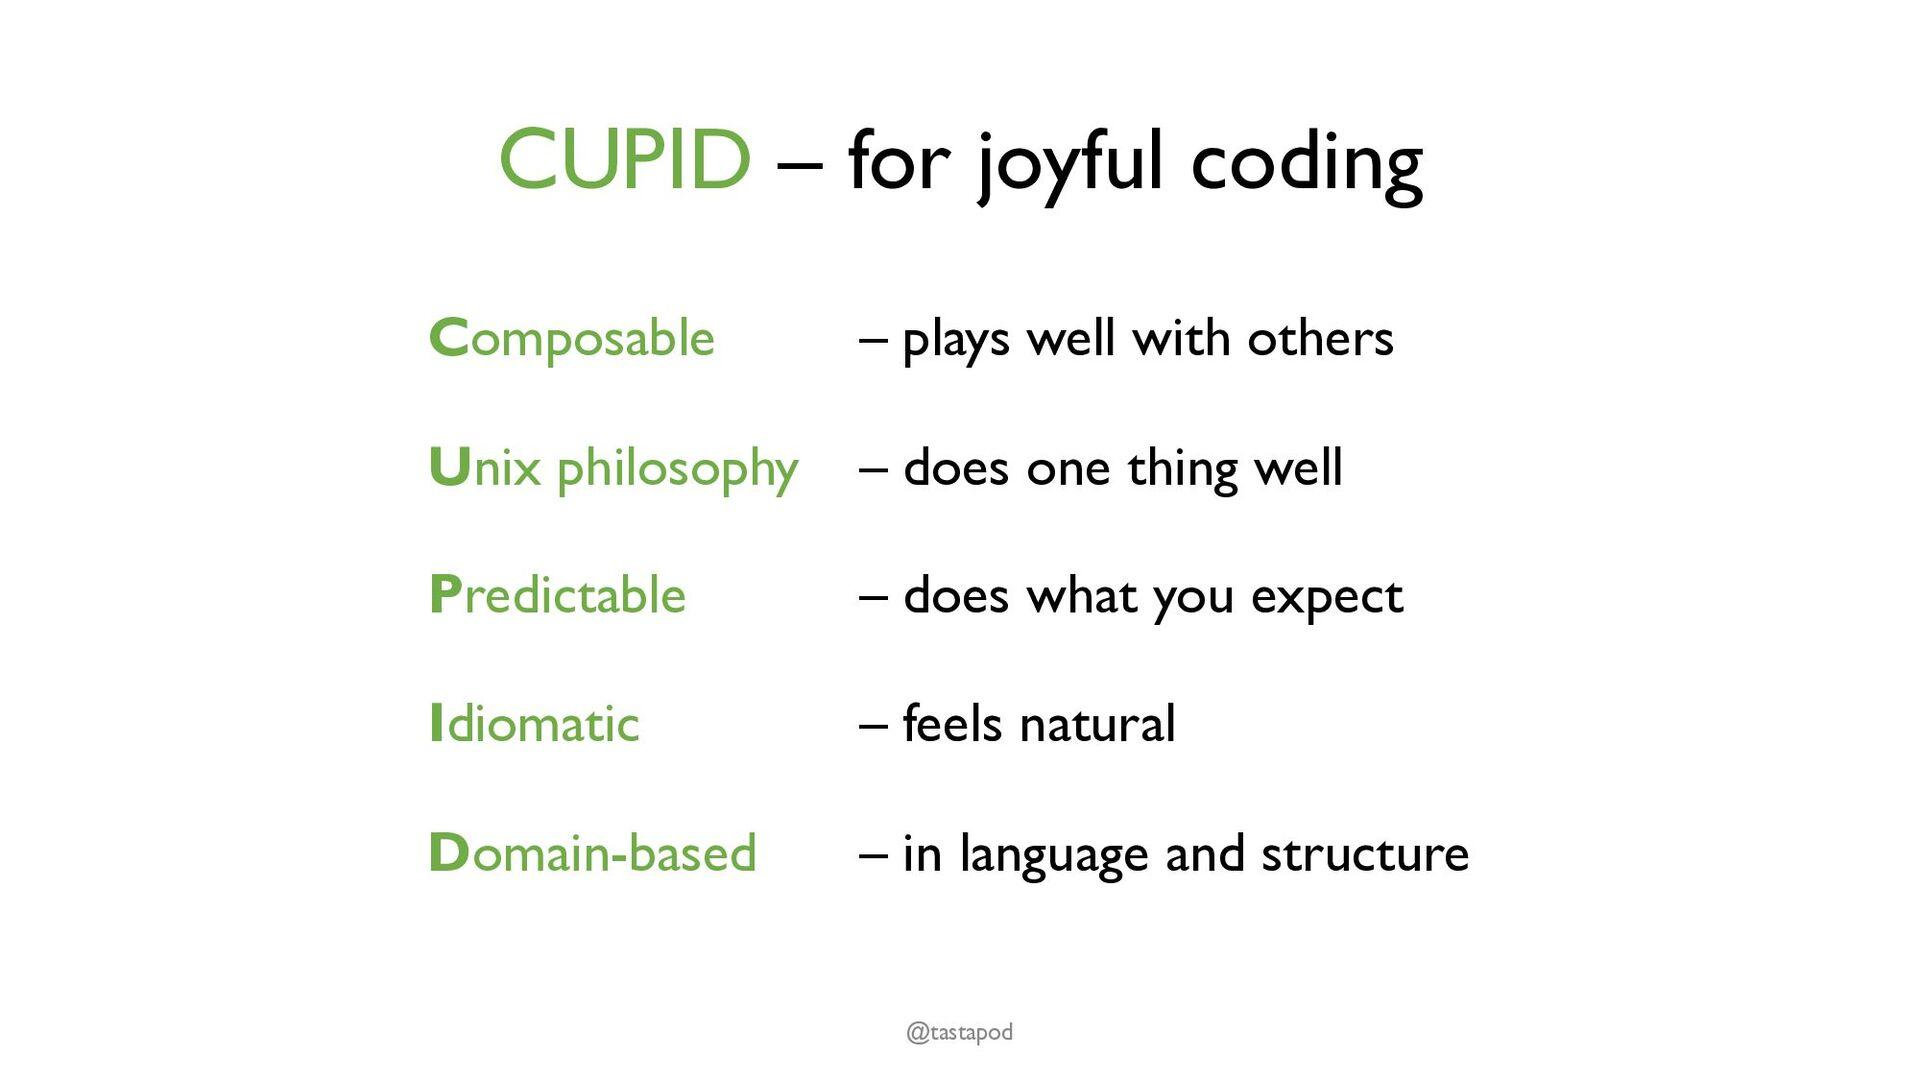 Idiomatic Uses language idioms - standard featu...